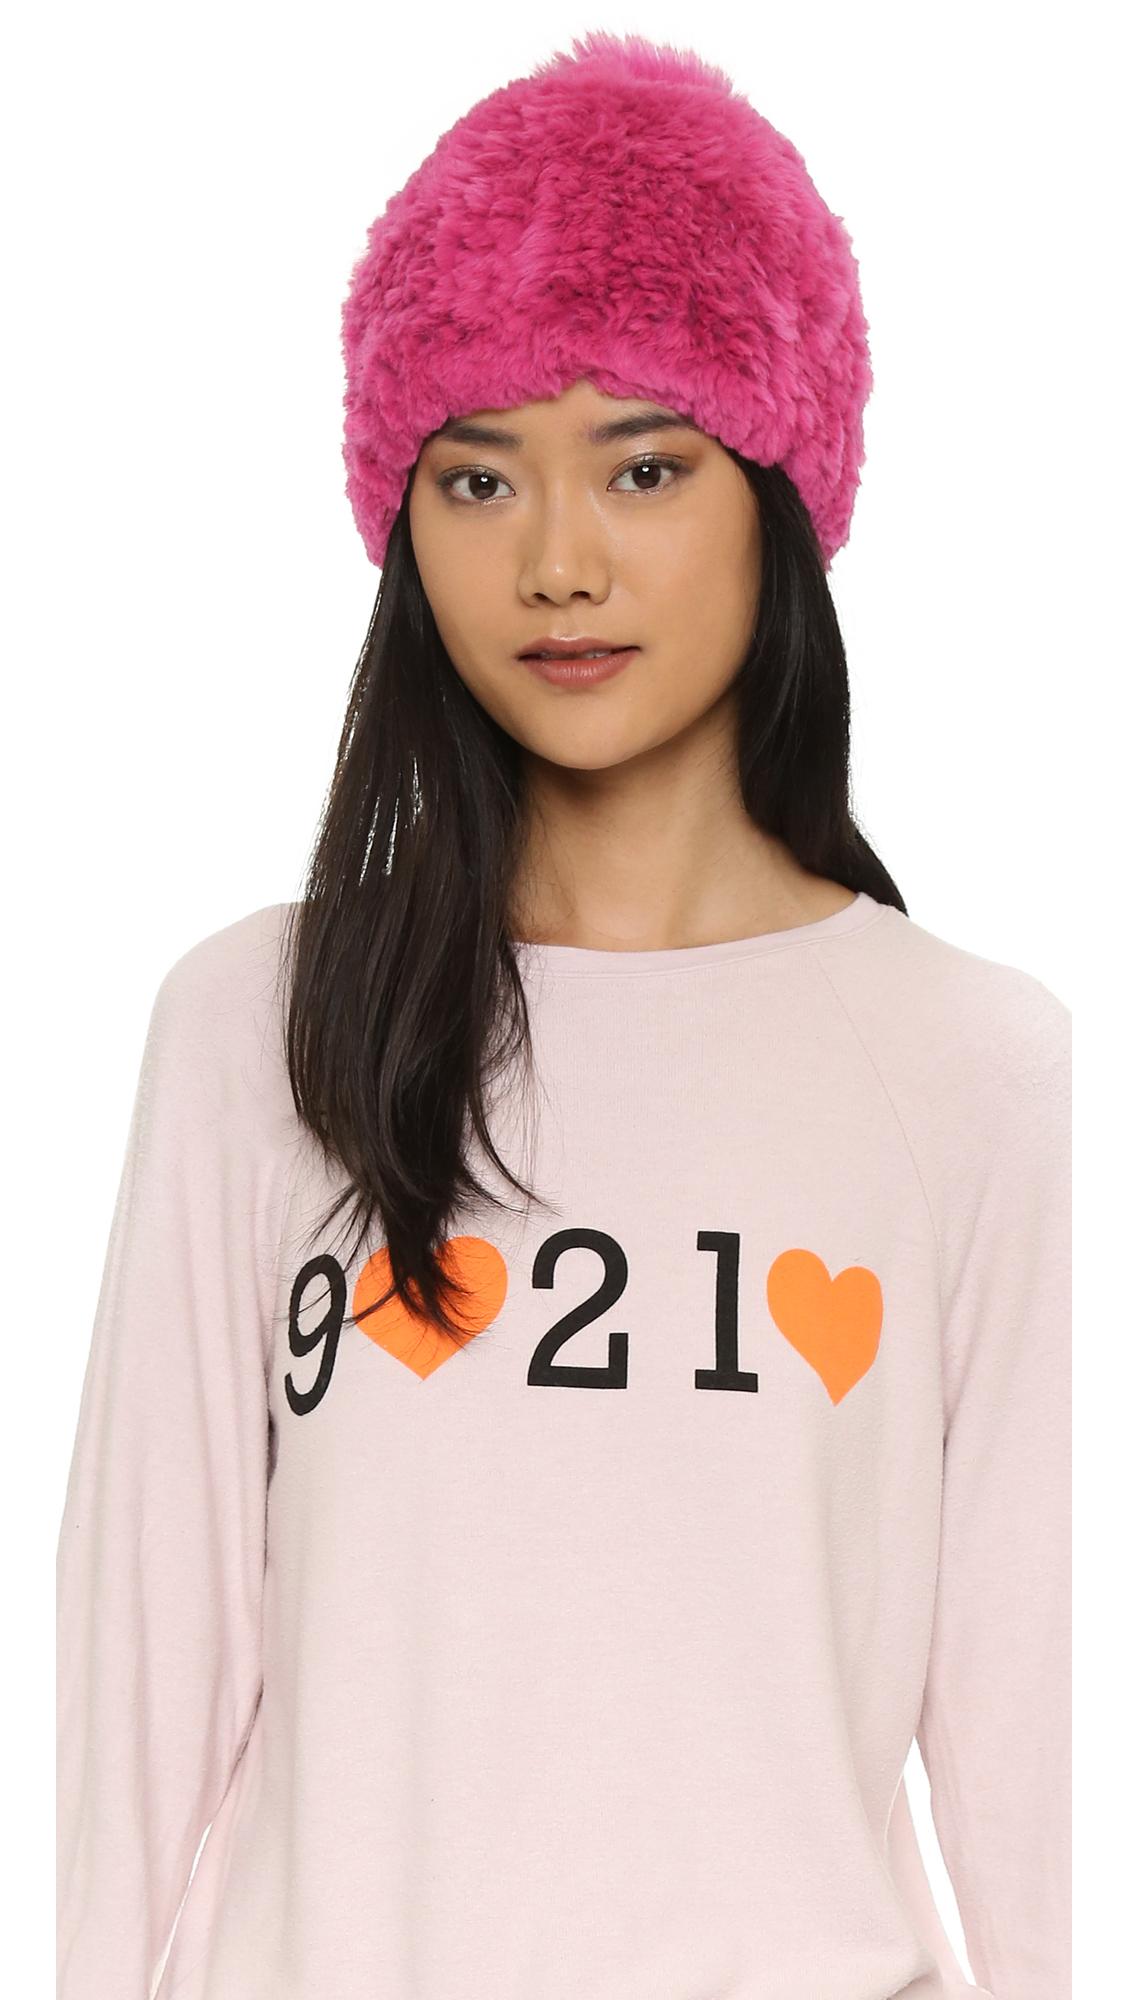 Lyst - Adrienne Landau Knit Fur Pom Pom Hat - Fuchsia in Pink 3274423563e